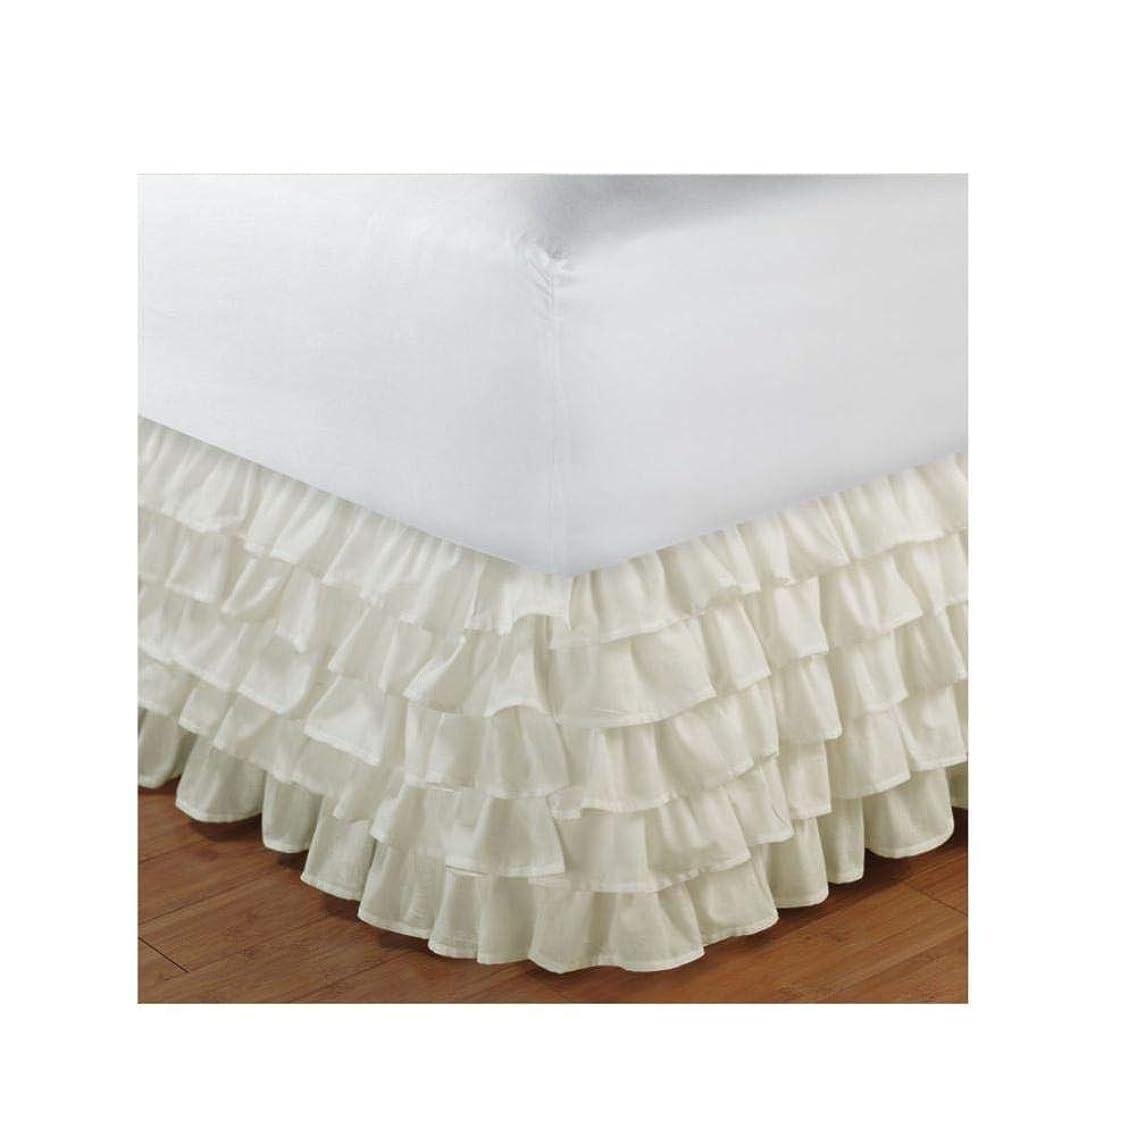 転用競争祈る五層のレースのベッドスカート、ベッドスカートプラットフォーム布,クリーム,99X190 + 38センチメートル